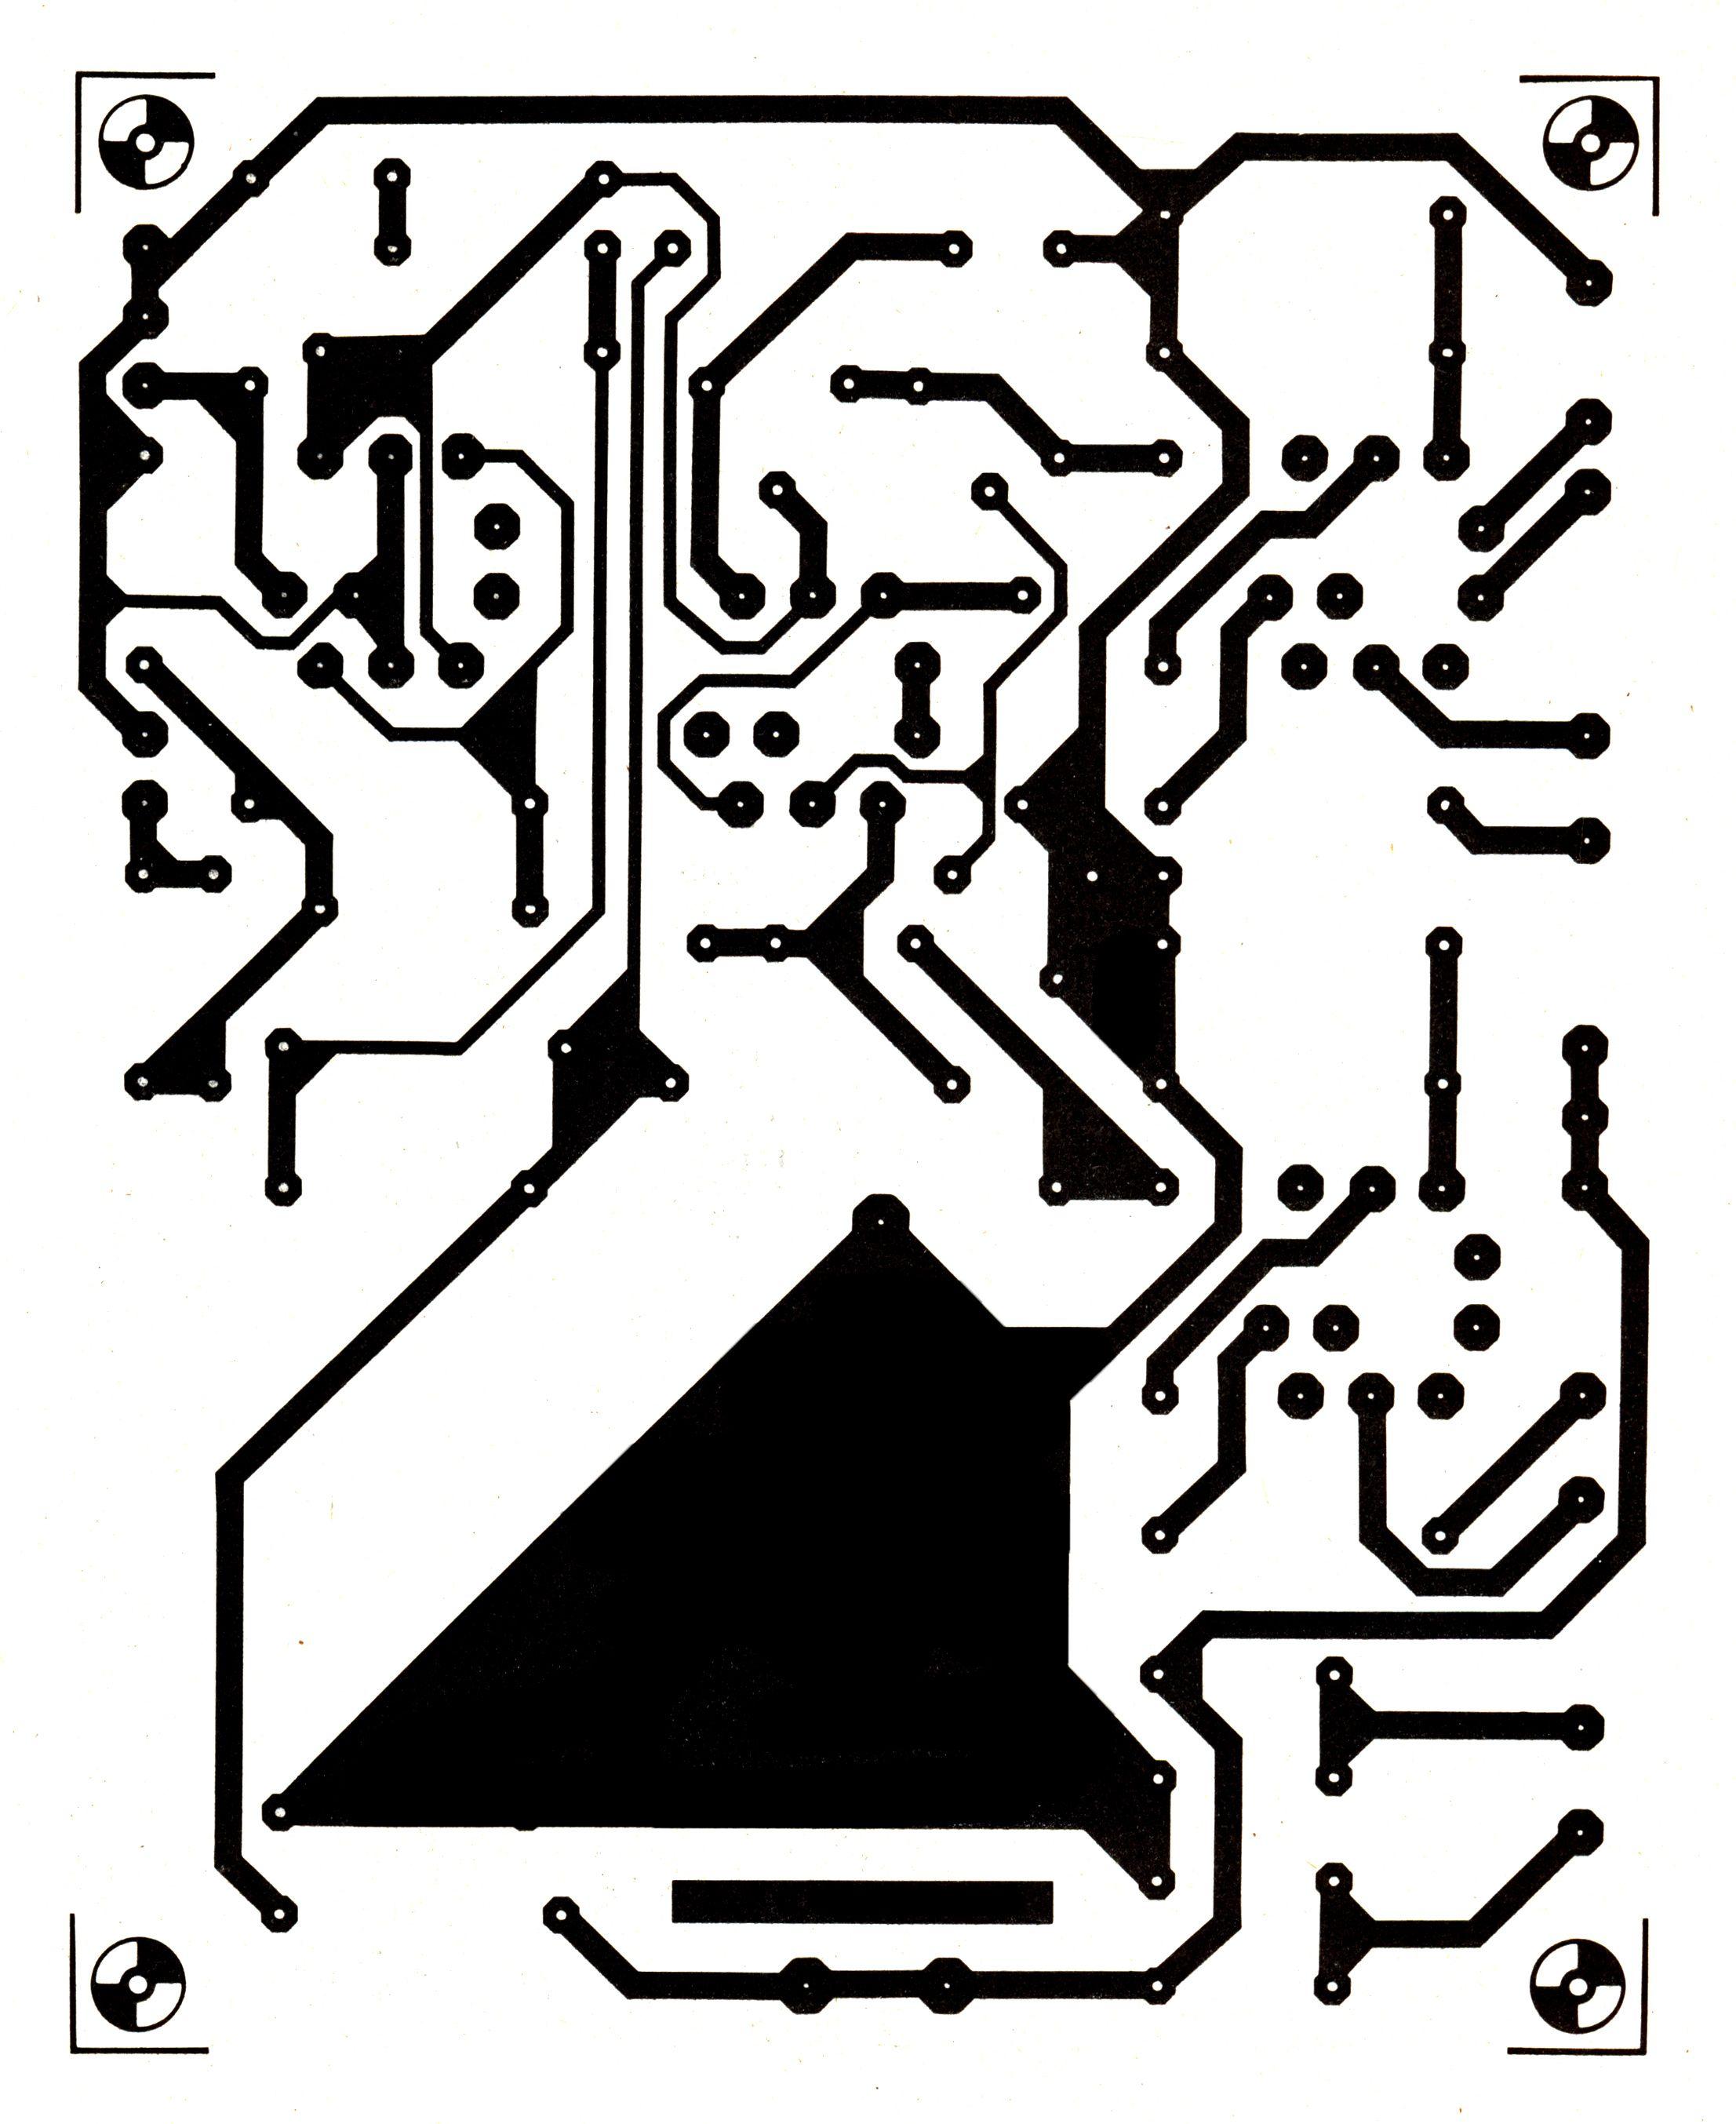 eletr244nica e radioamadorismo com circuitos esquemas manuais